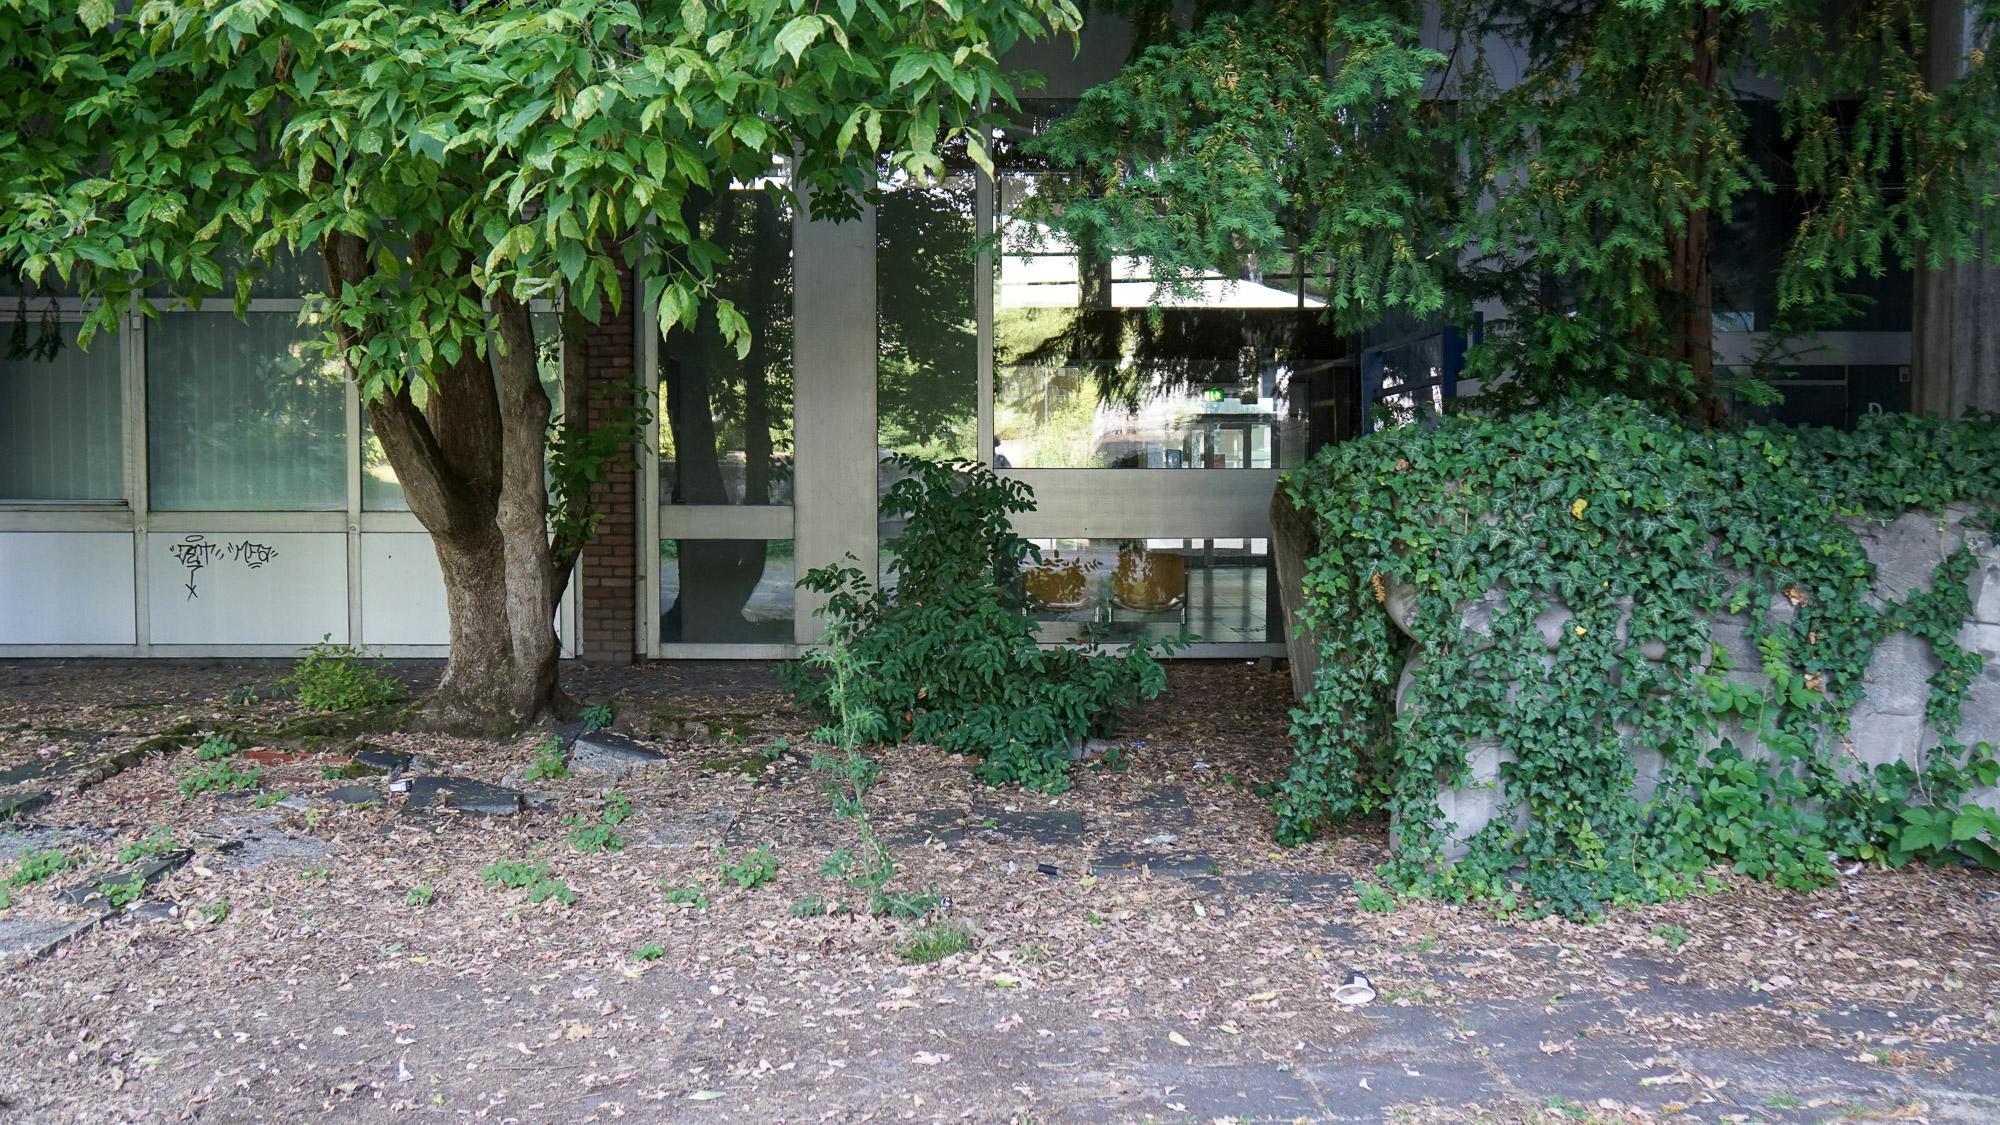 Ungepflegte Gebäudeecke außen: Wurzeln eines Baums heben Platten an, Laub und Müll liegen herum.